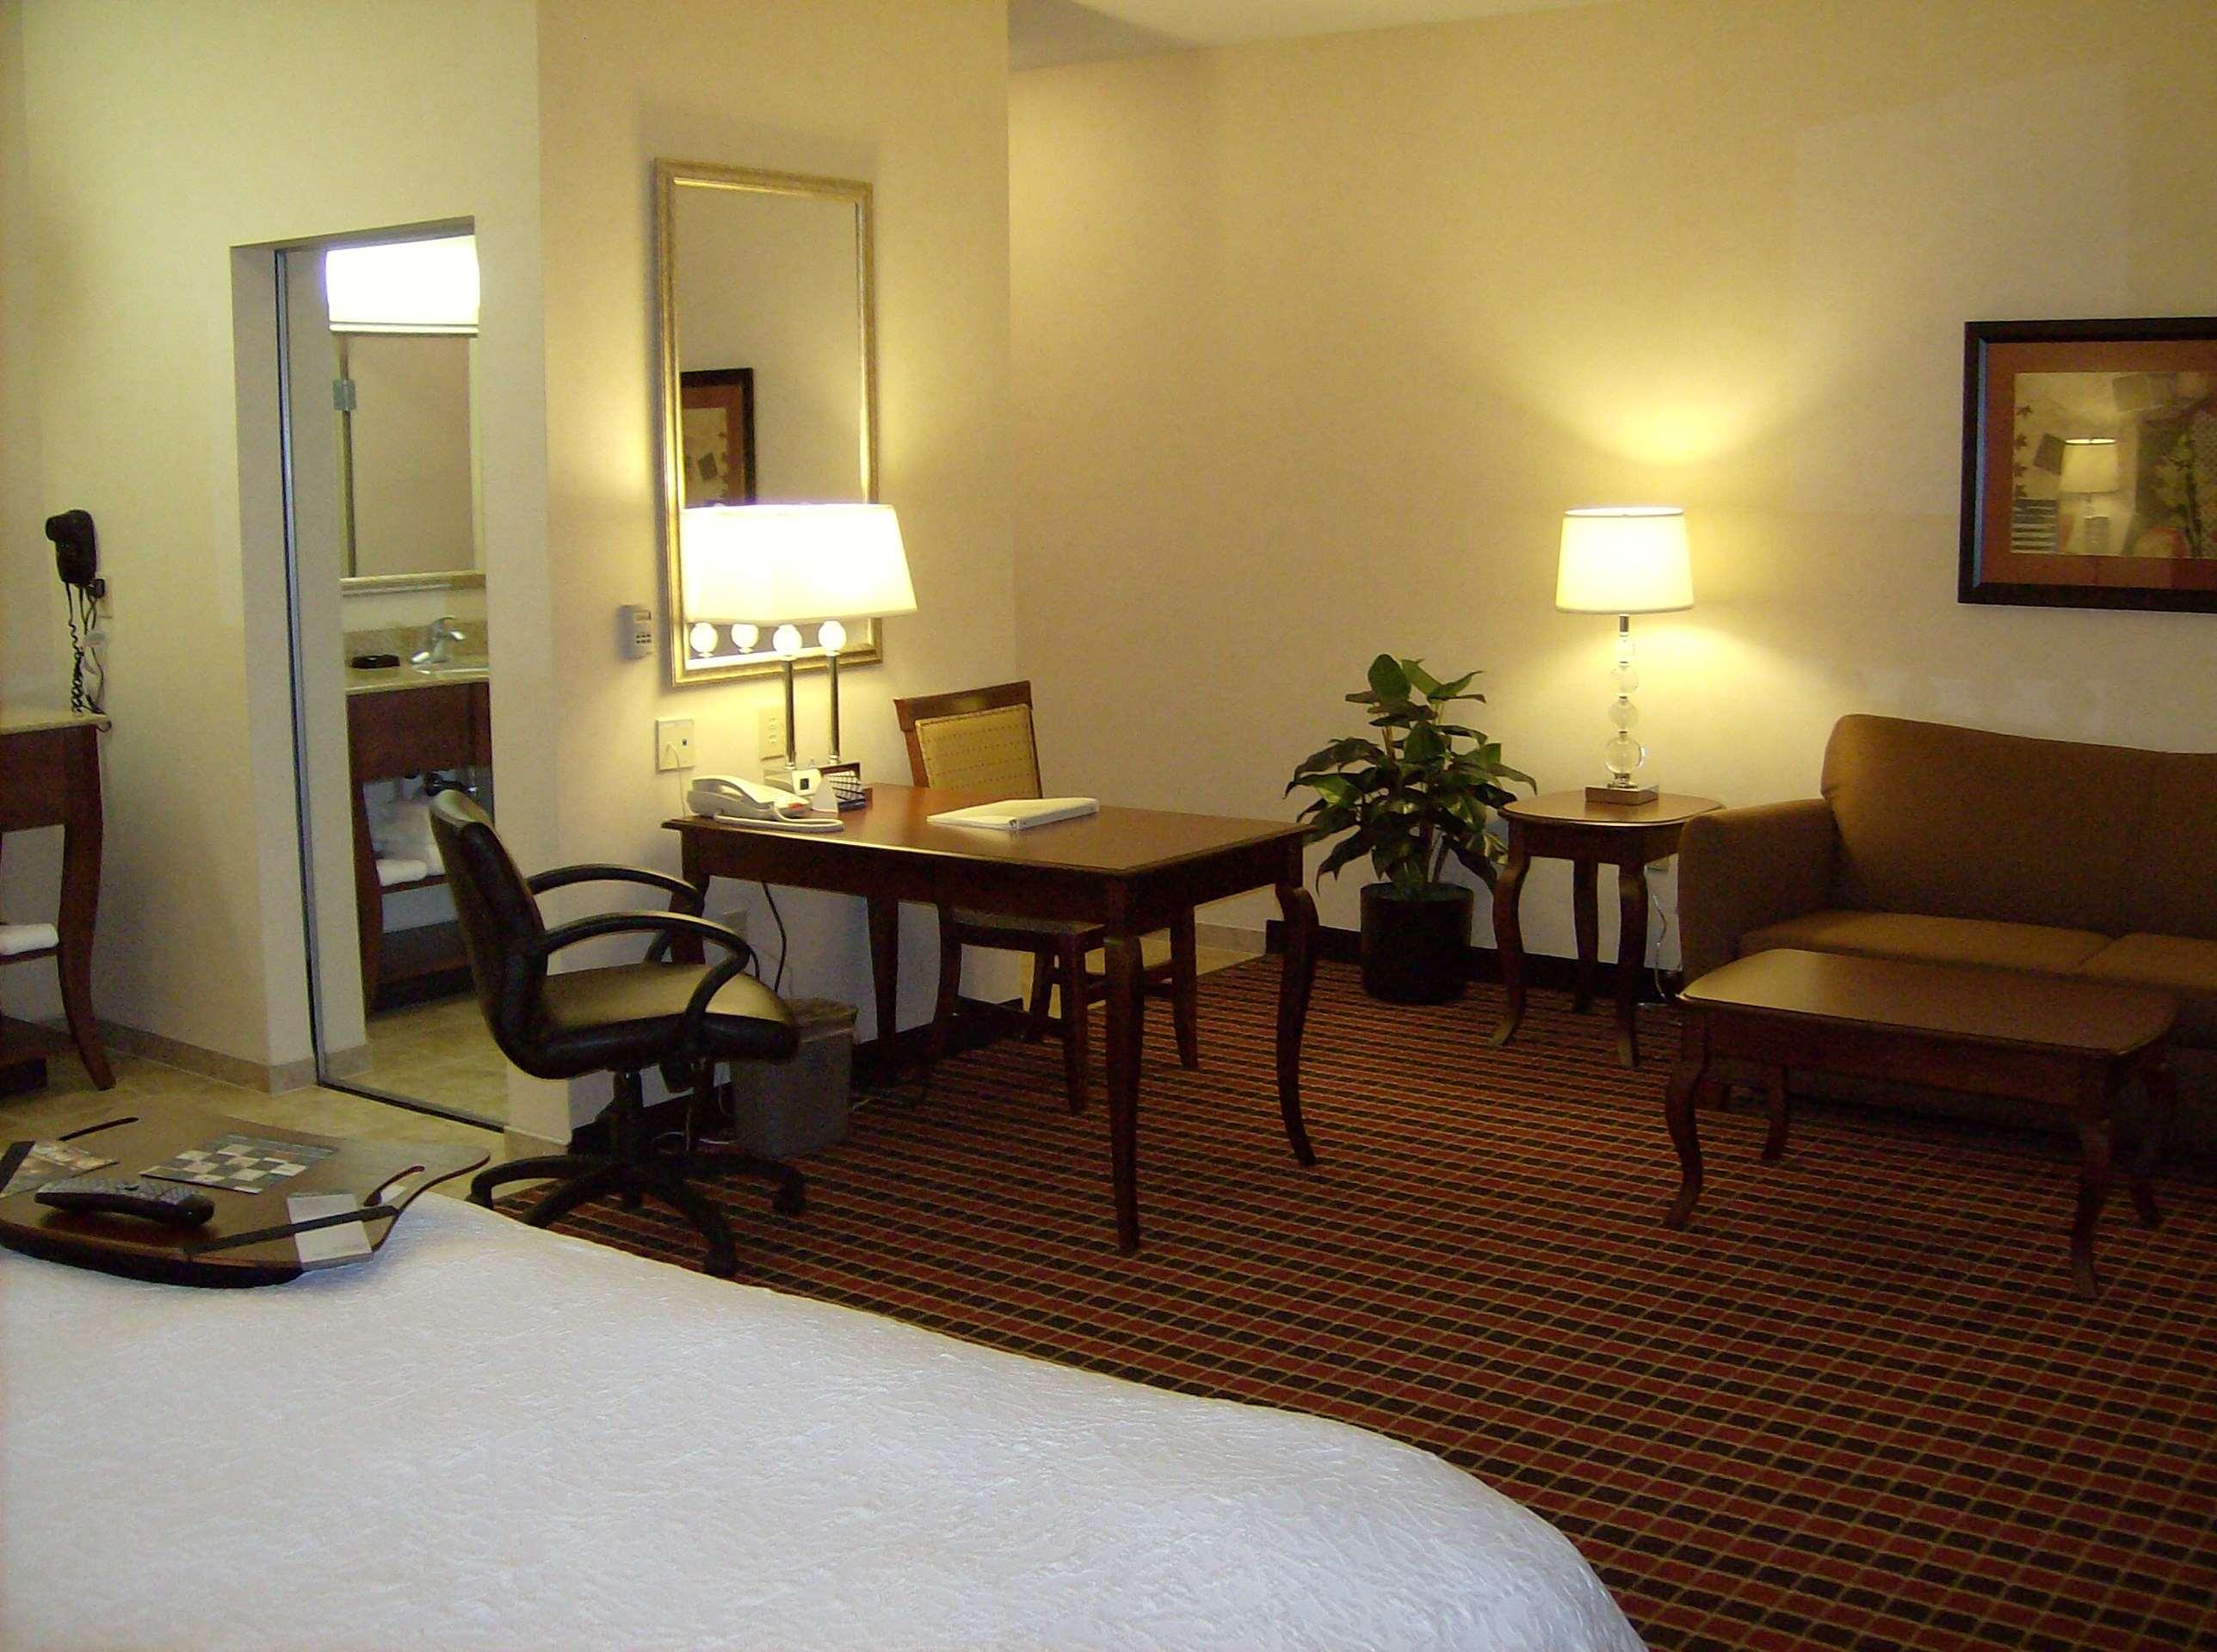 Hampton Inn & Suites Dayton-Airport image 33